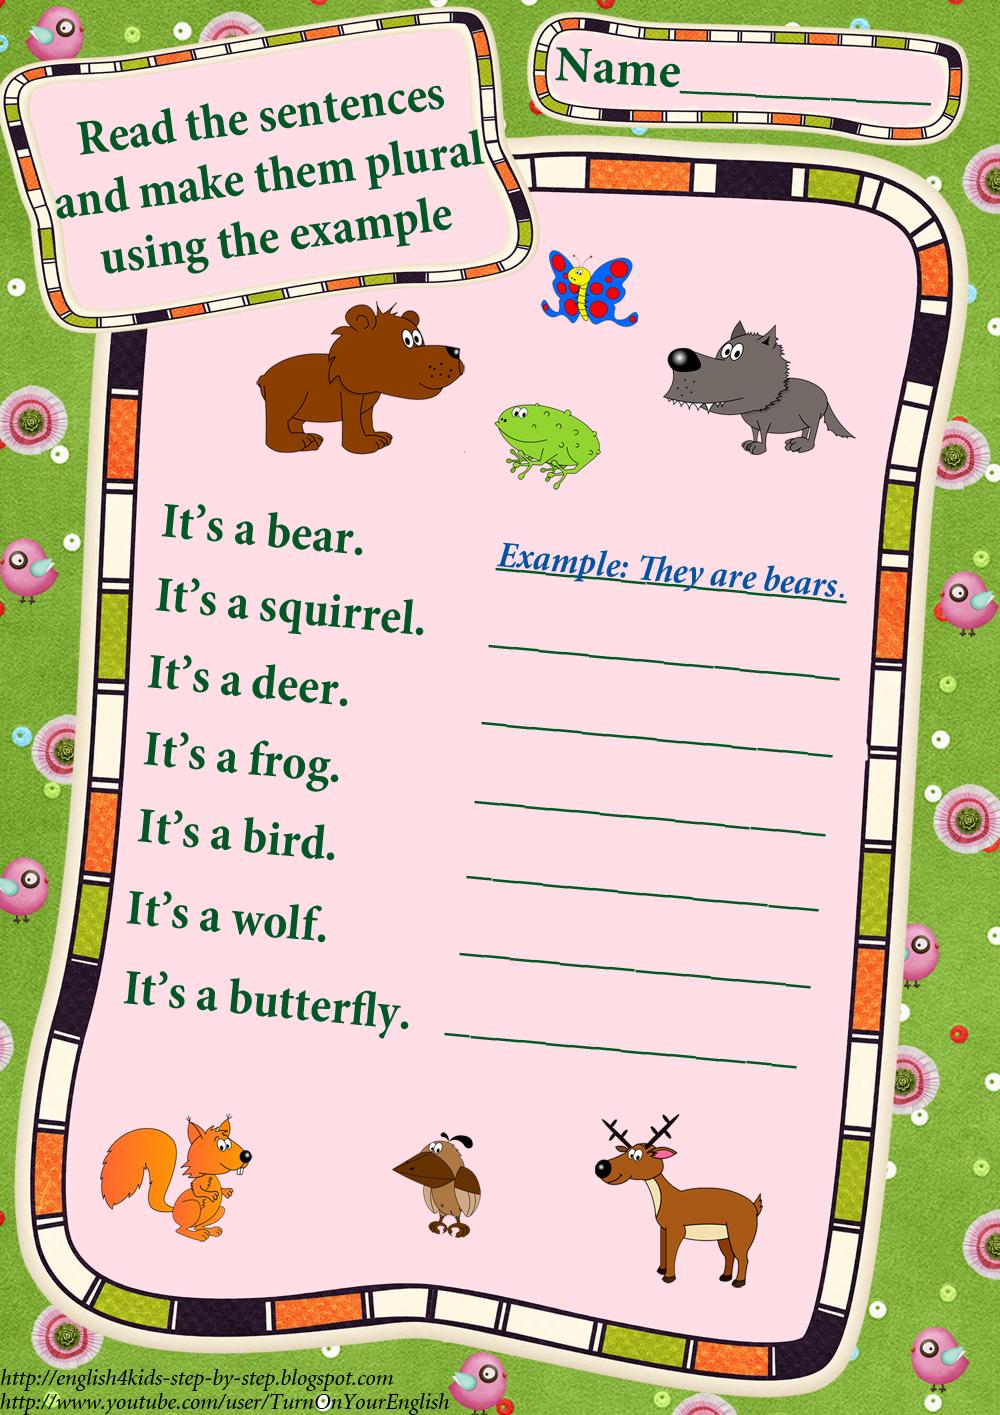 Workbooks making words plural worksheets : Forest Animals Worksheets